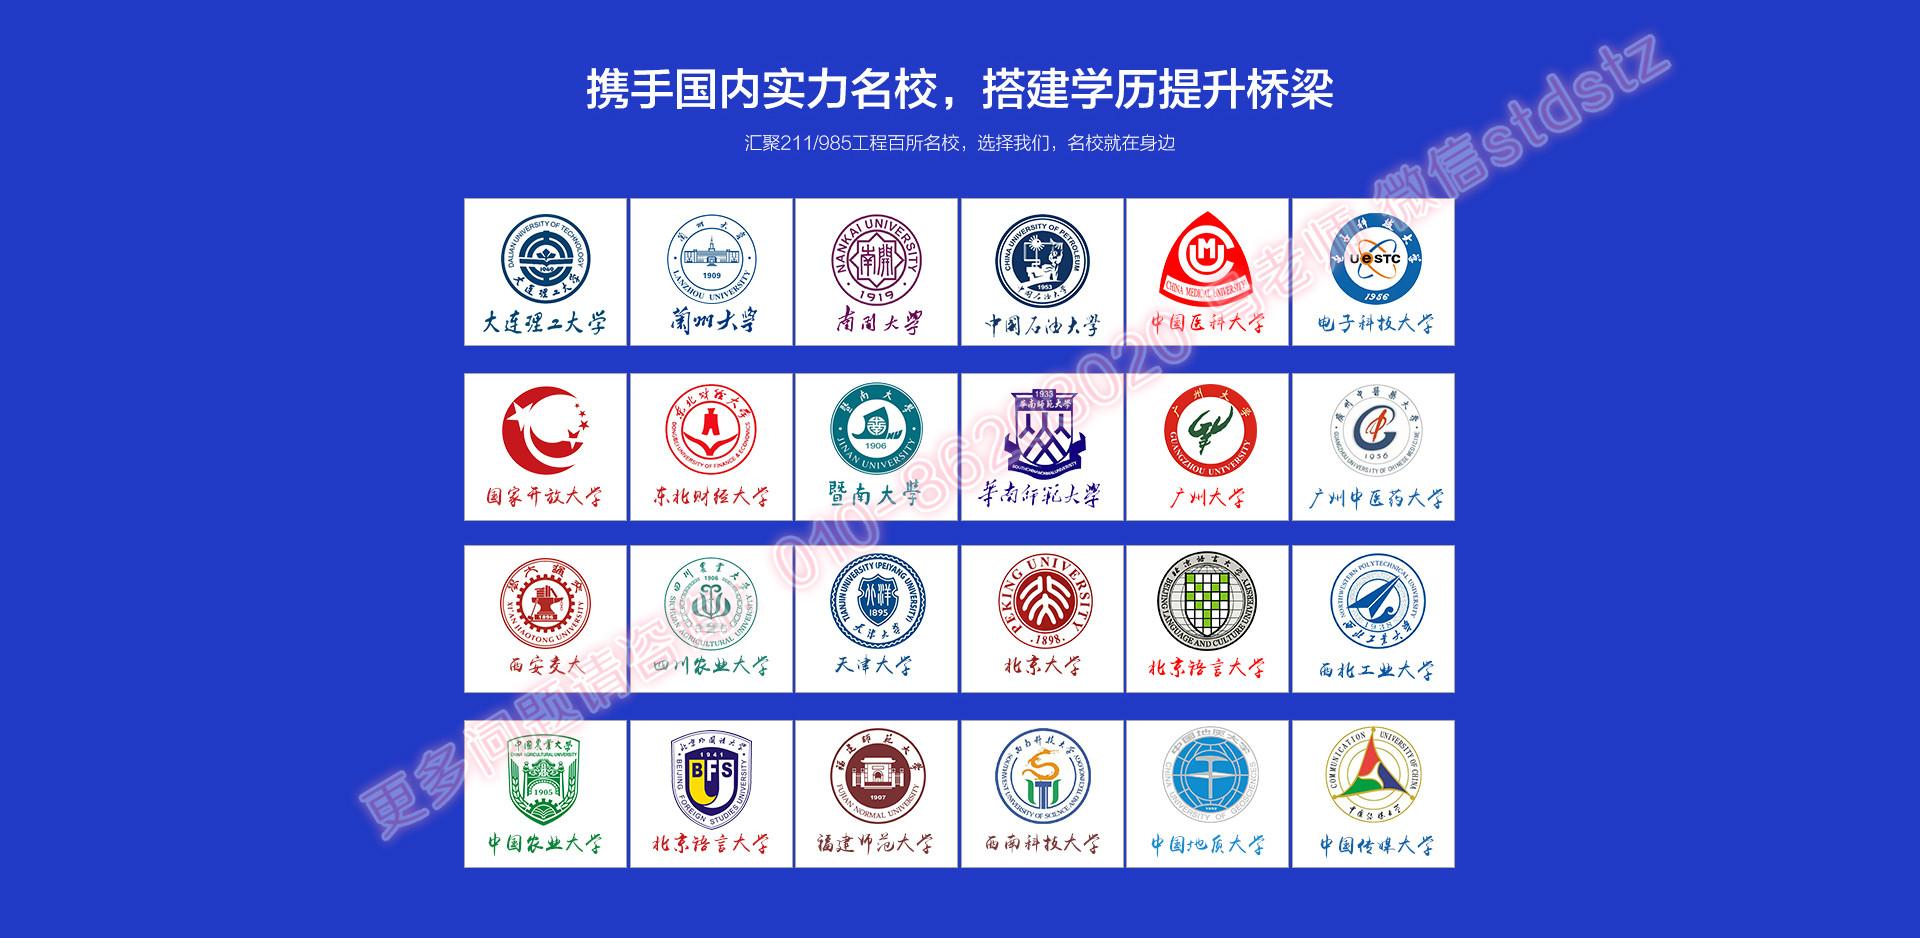 黄山网教报名自考大专本科学历提升stds.com.cn